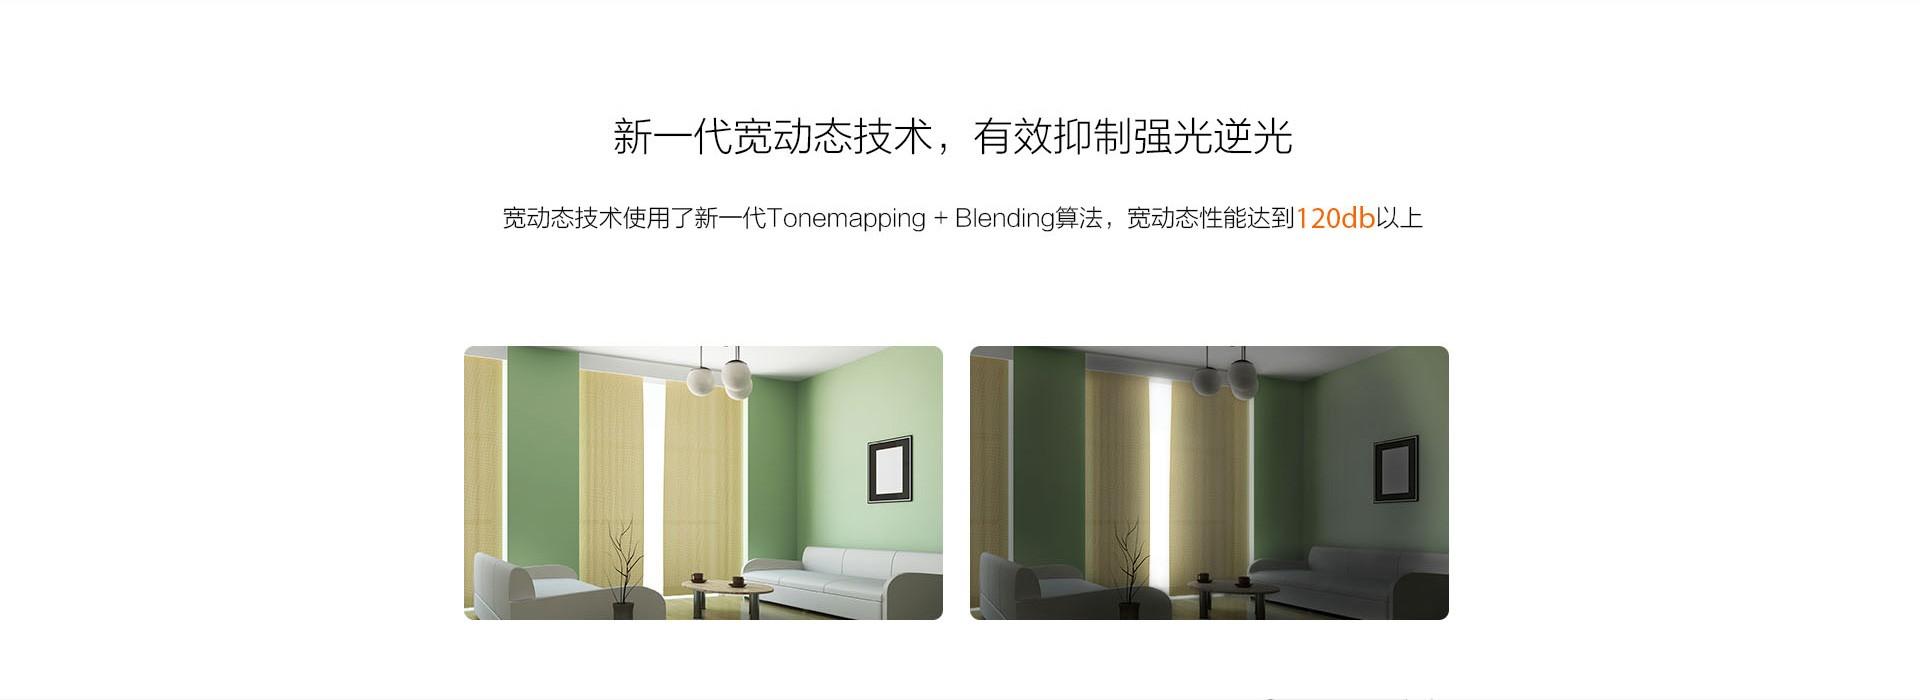 C3E商品详情页(web)_07.jpg